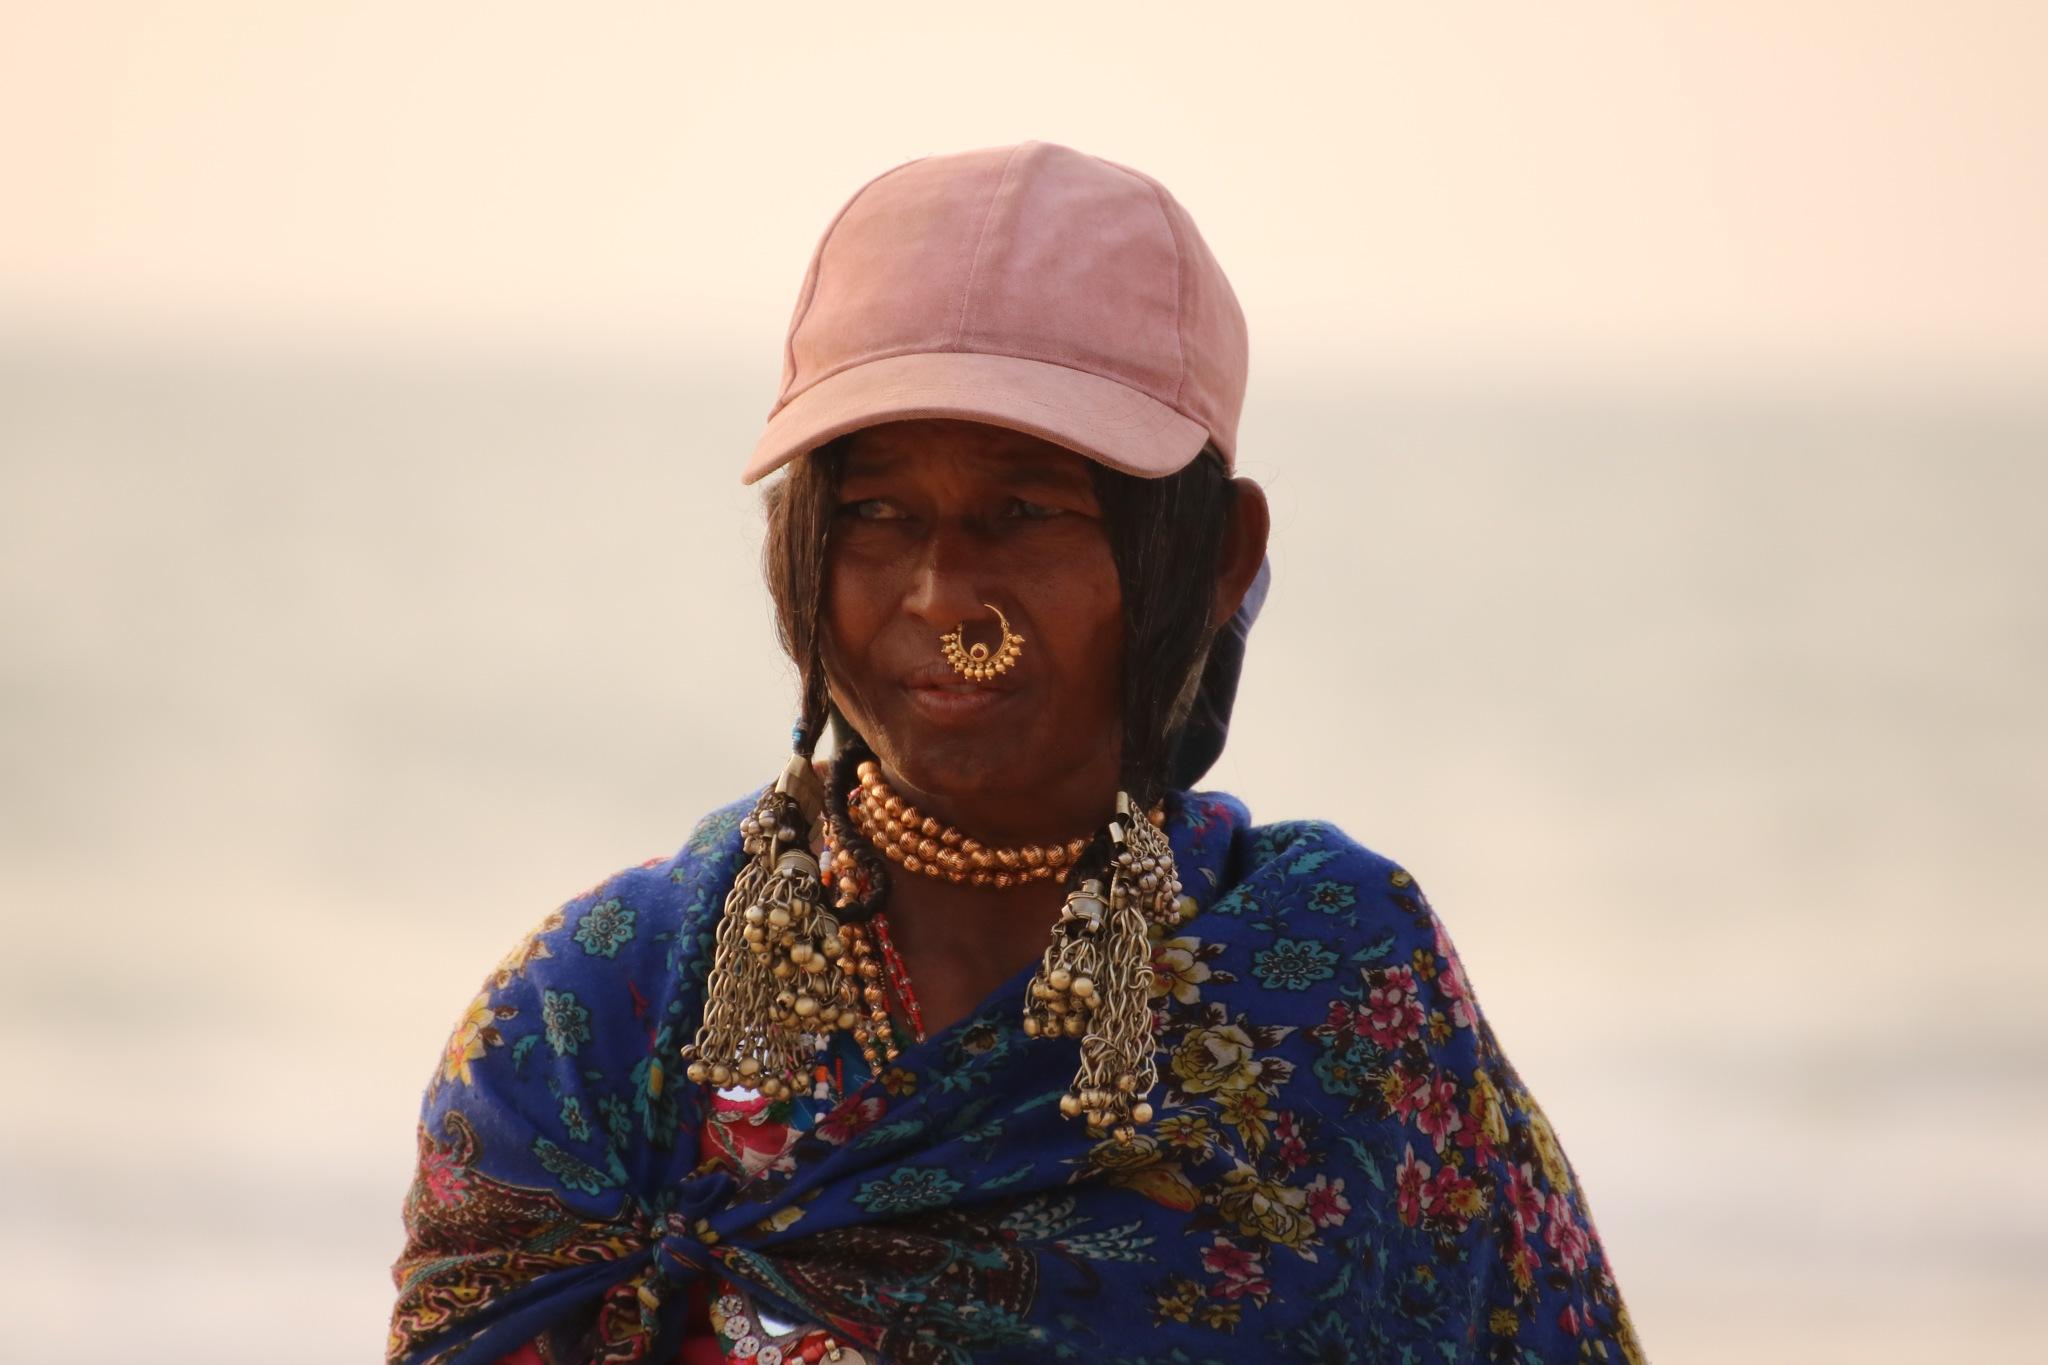 woman on the Goa beach by adriana gatej